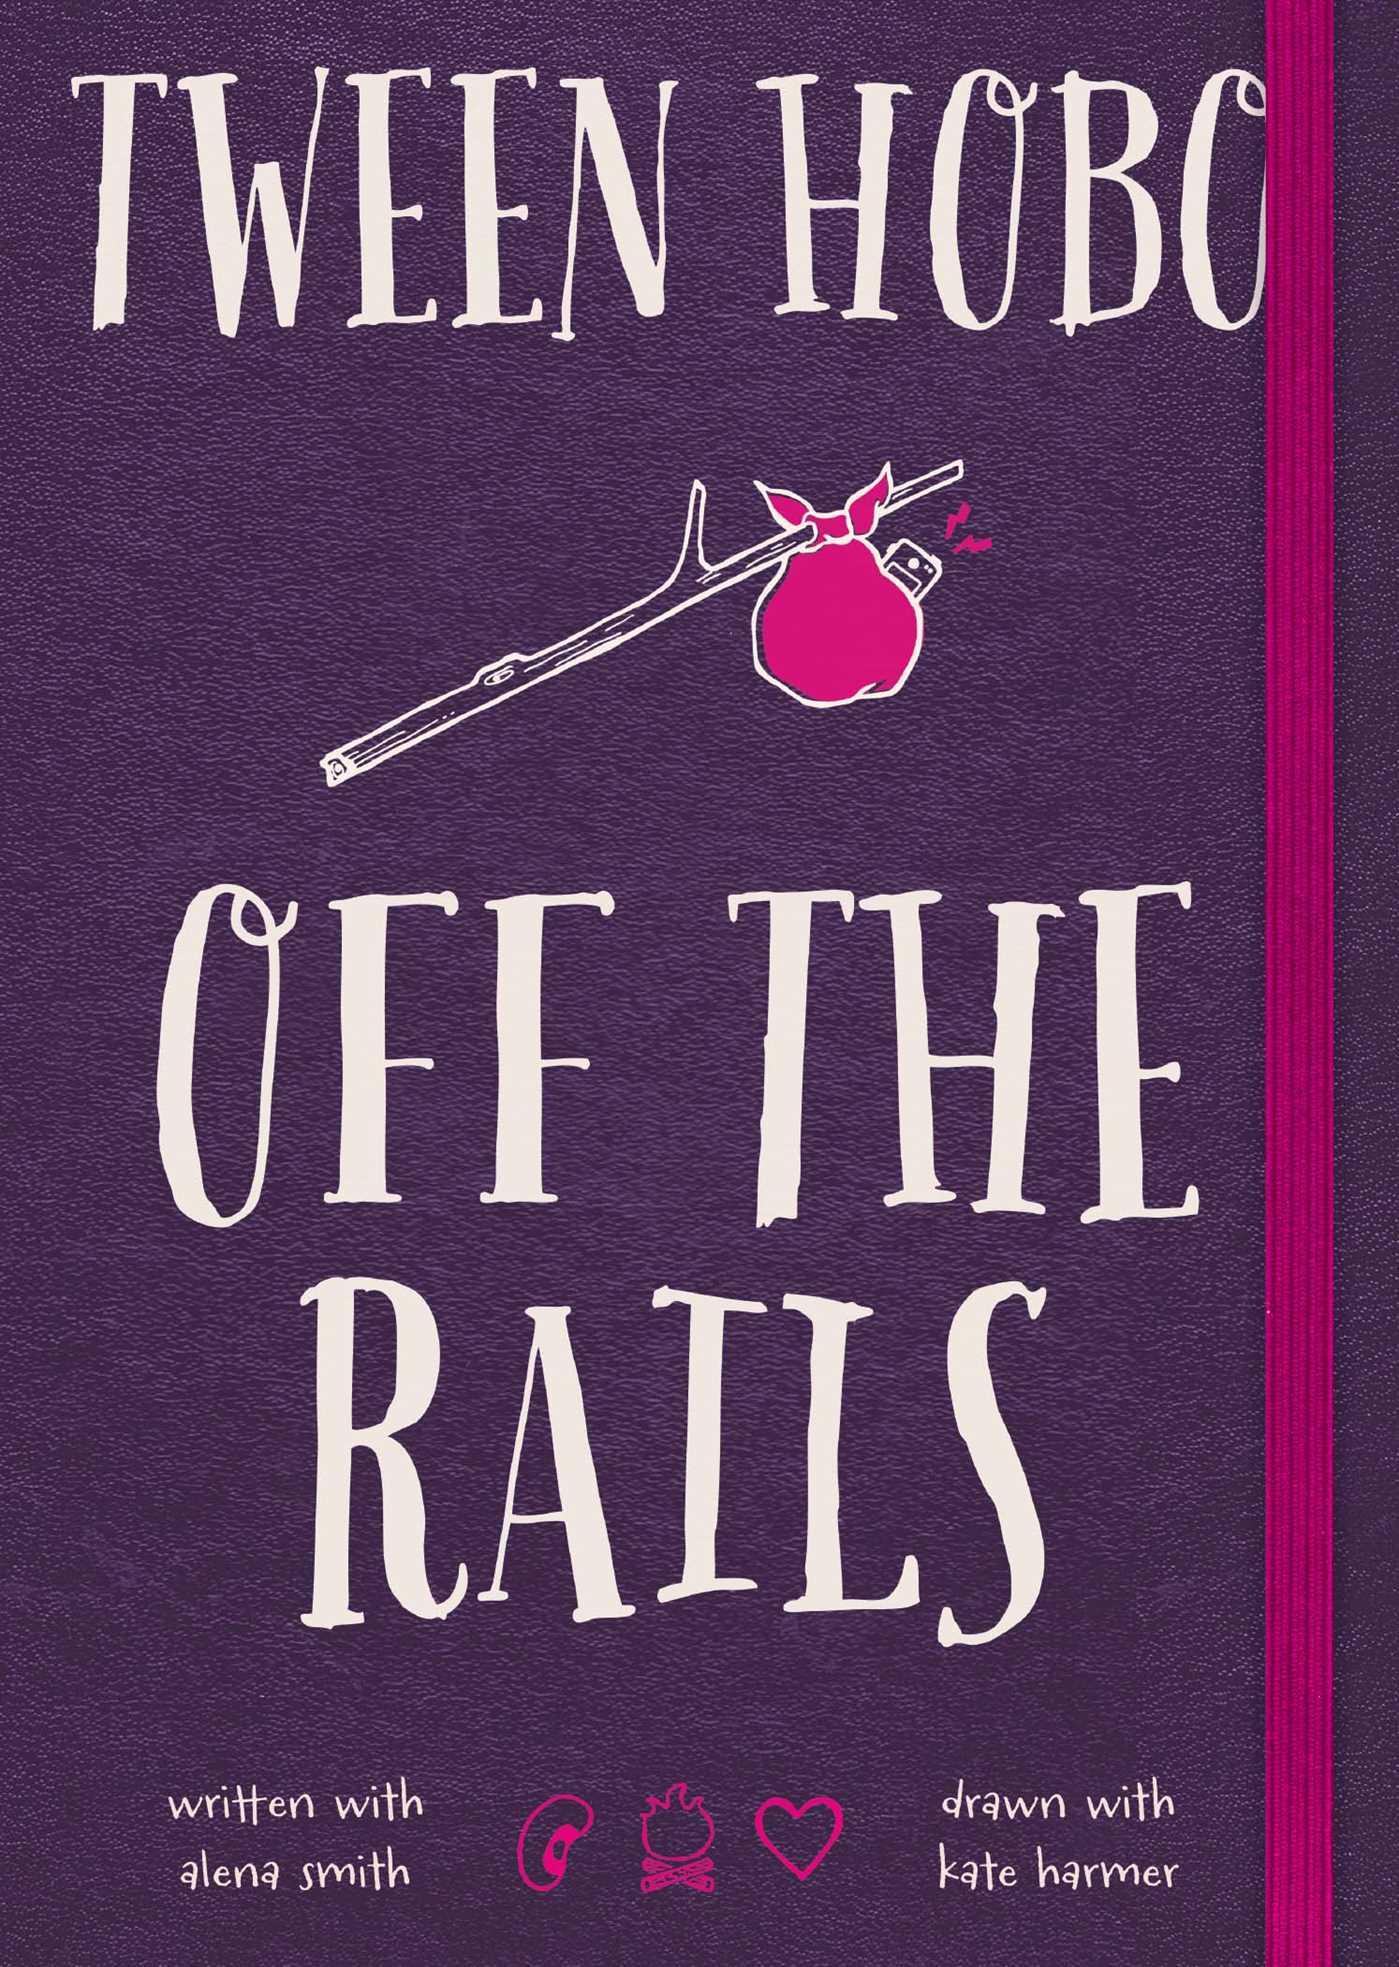 Tween hobo off the rails 9781476747835 hr